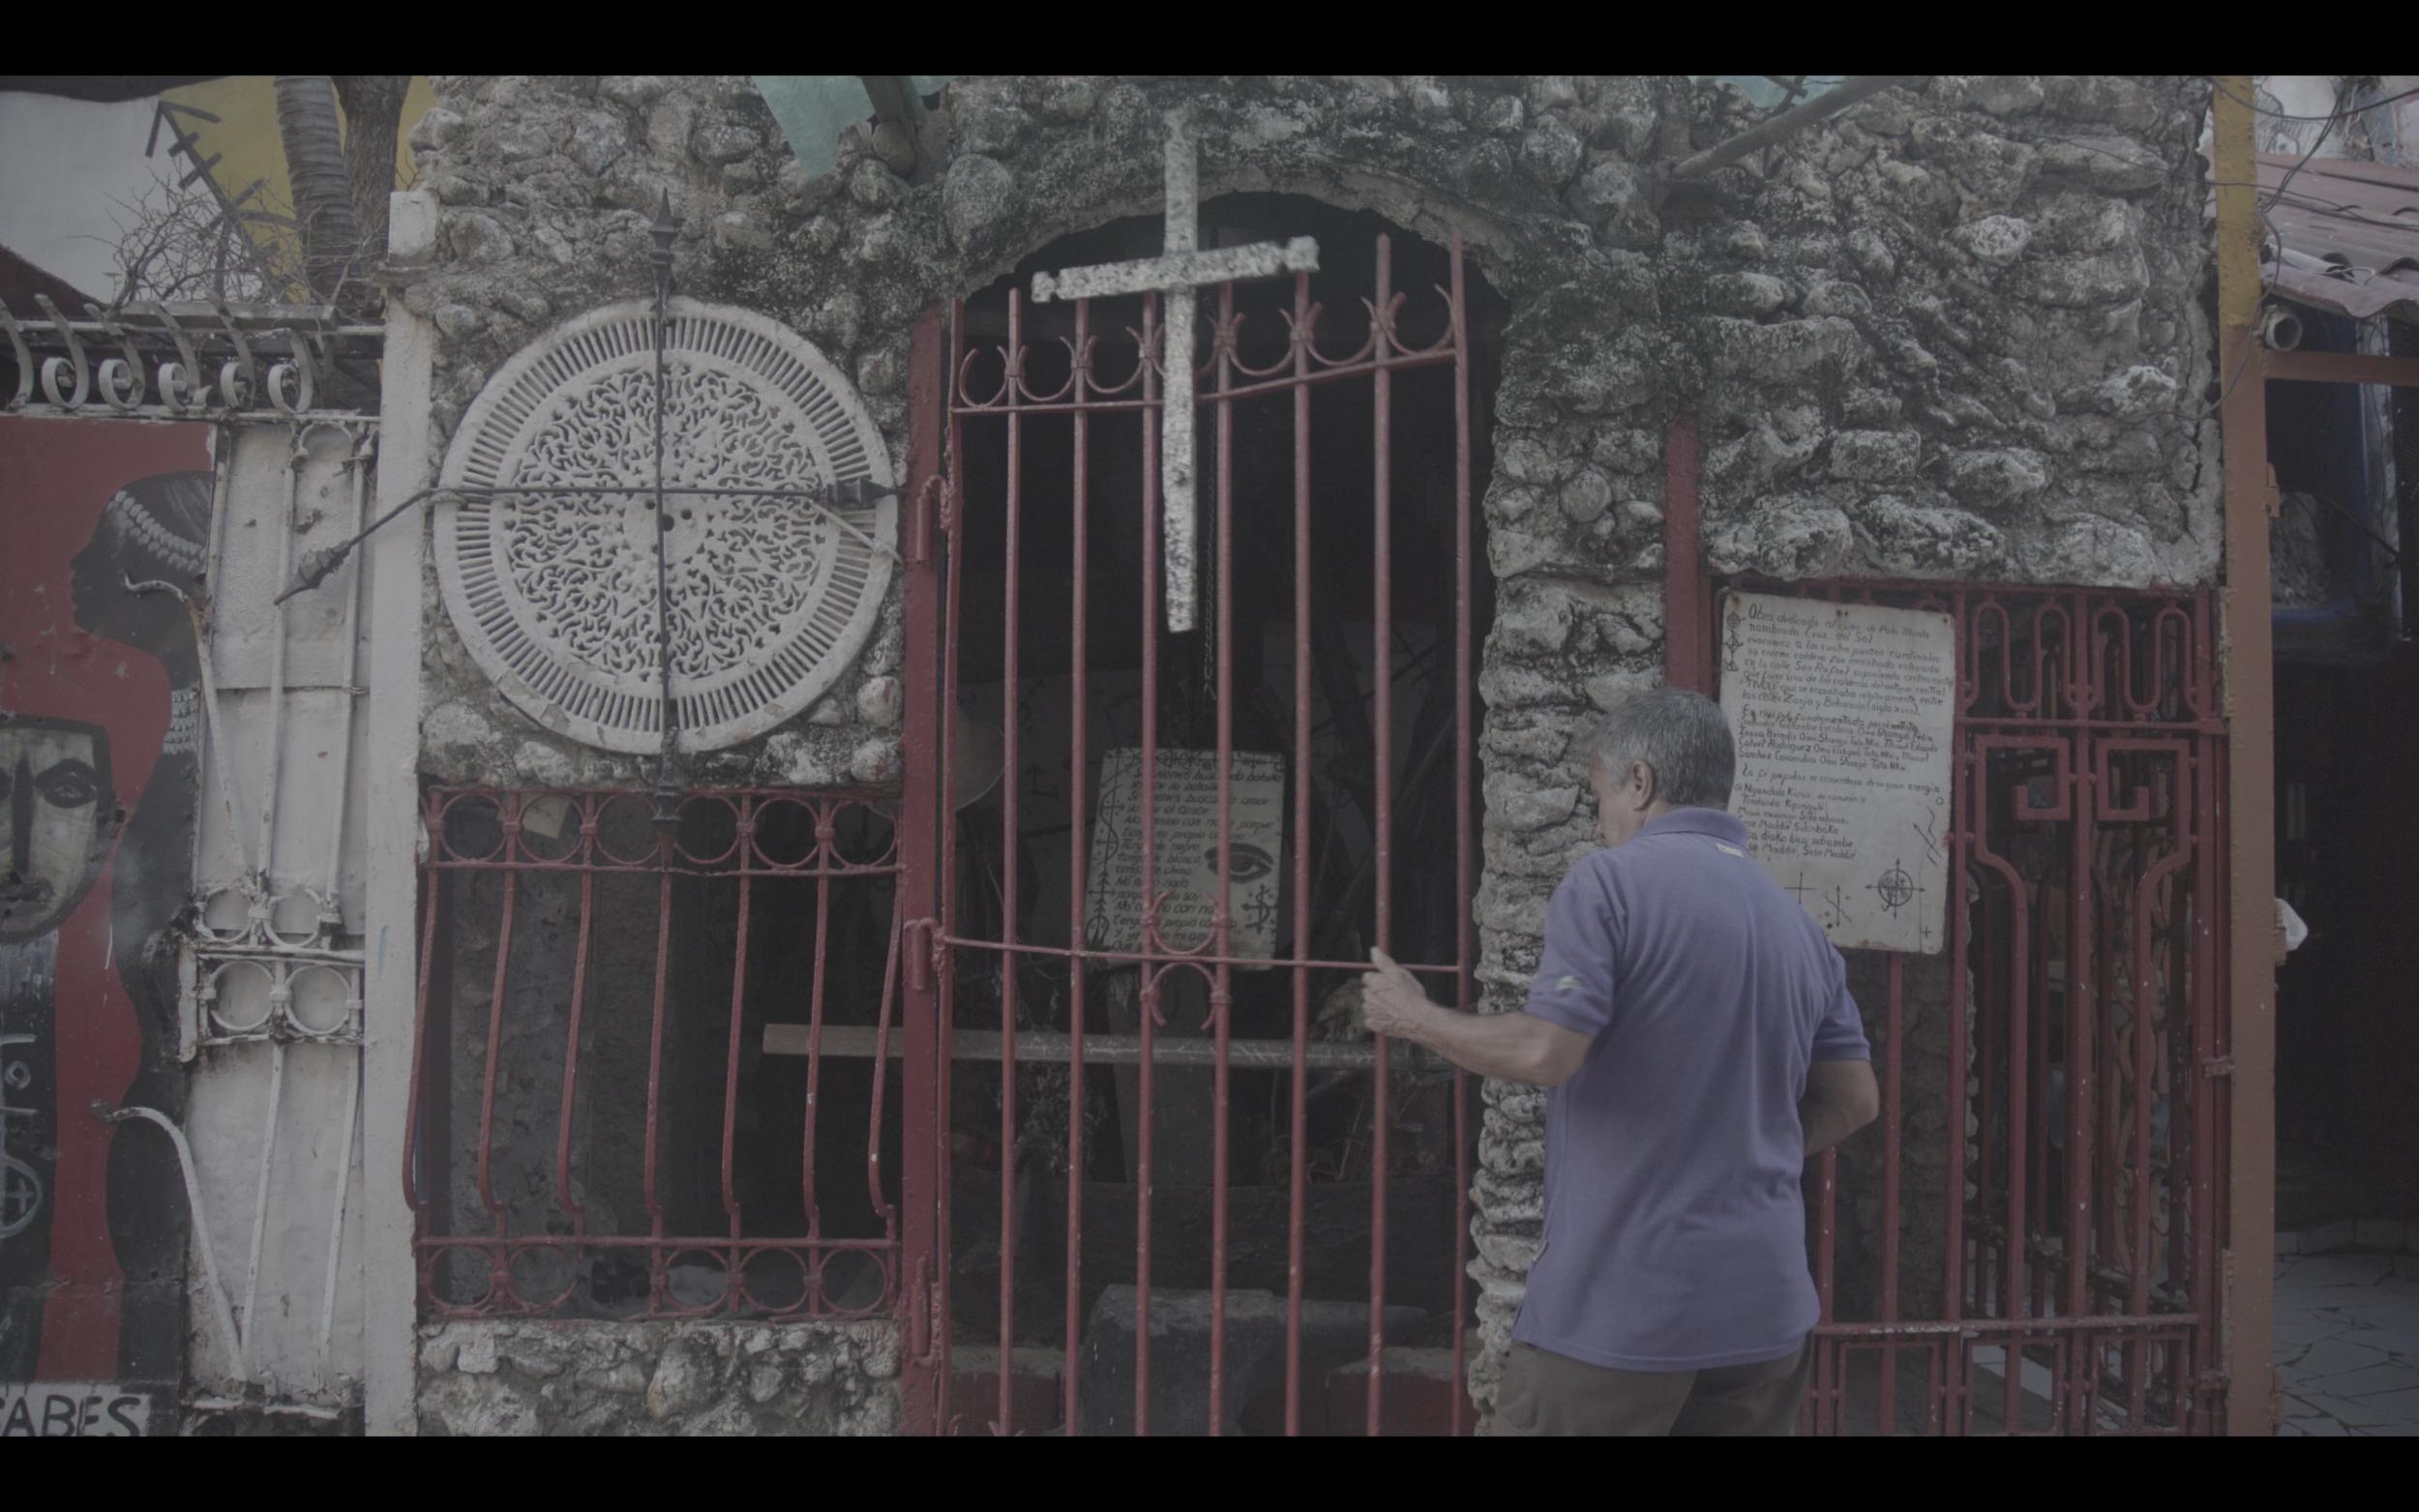 Callejon de Hamel - The Alleyway to Santeria